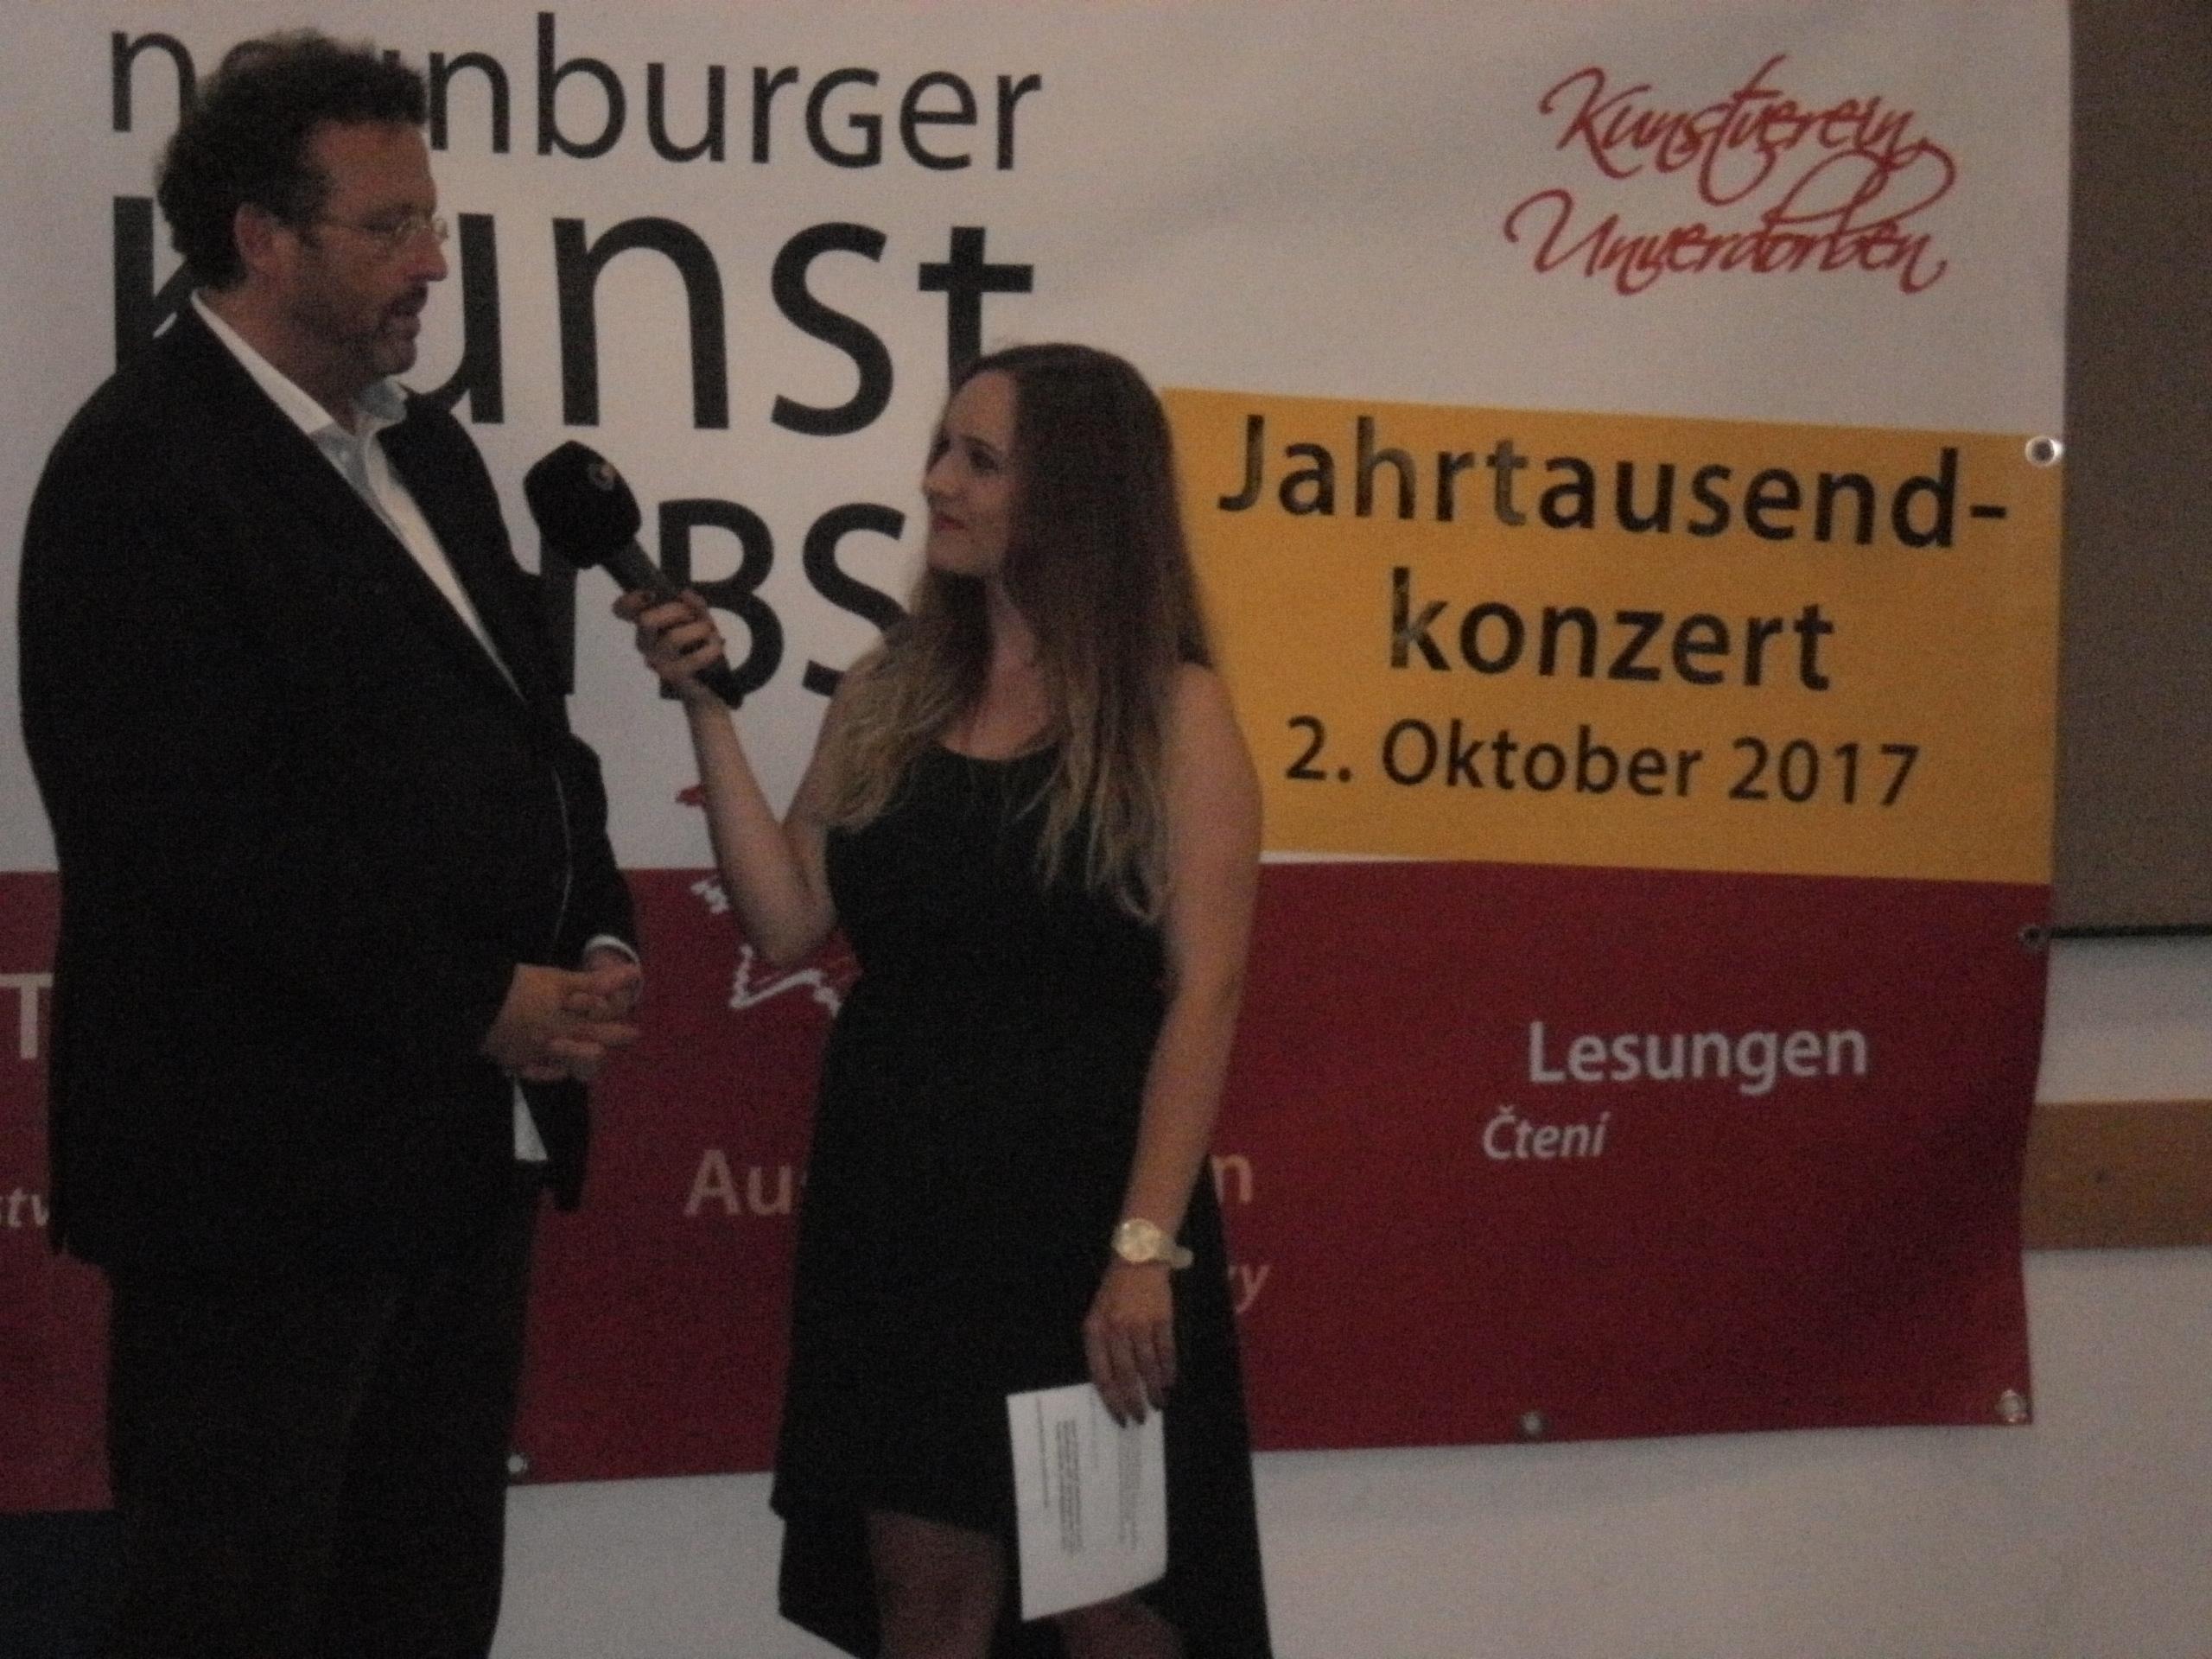 Intendant und Chefdirigent Mark Mast von der Bayerischen Philharmonie gab dem Regionalfernsehsender OTV ein ausführliches Interview. Foto: K. Stumpfi